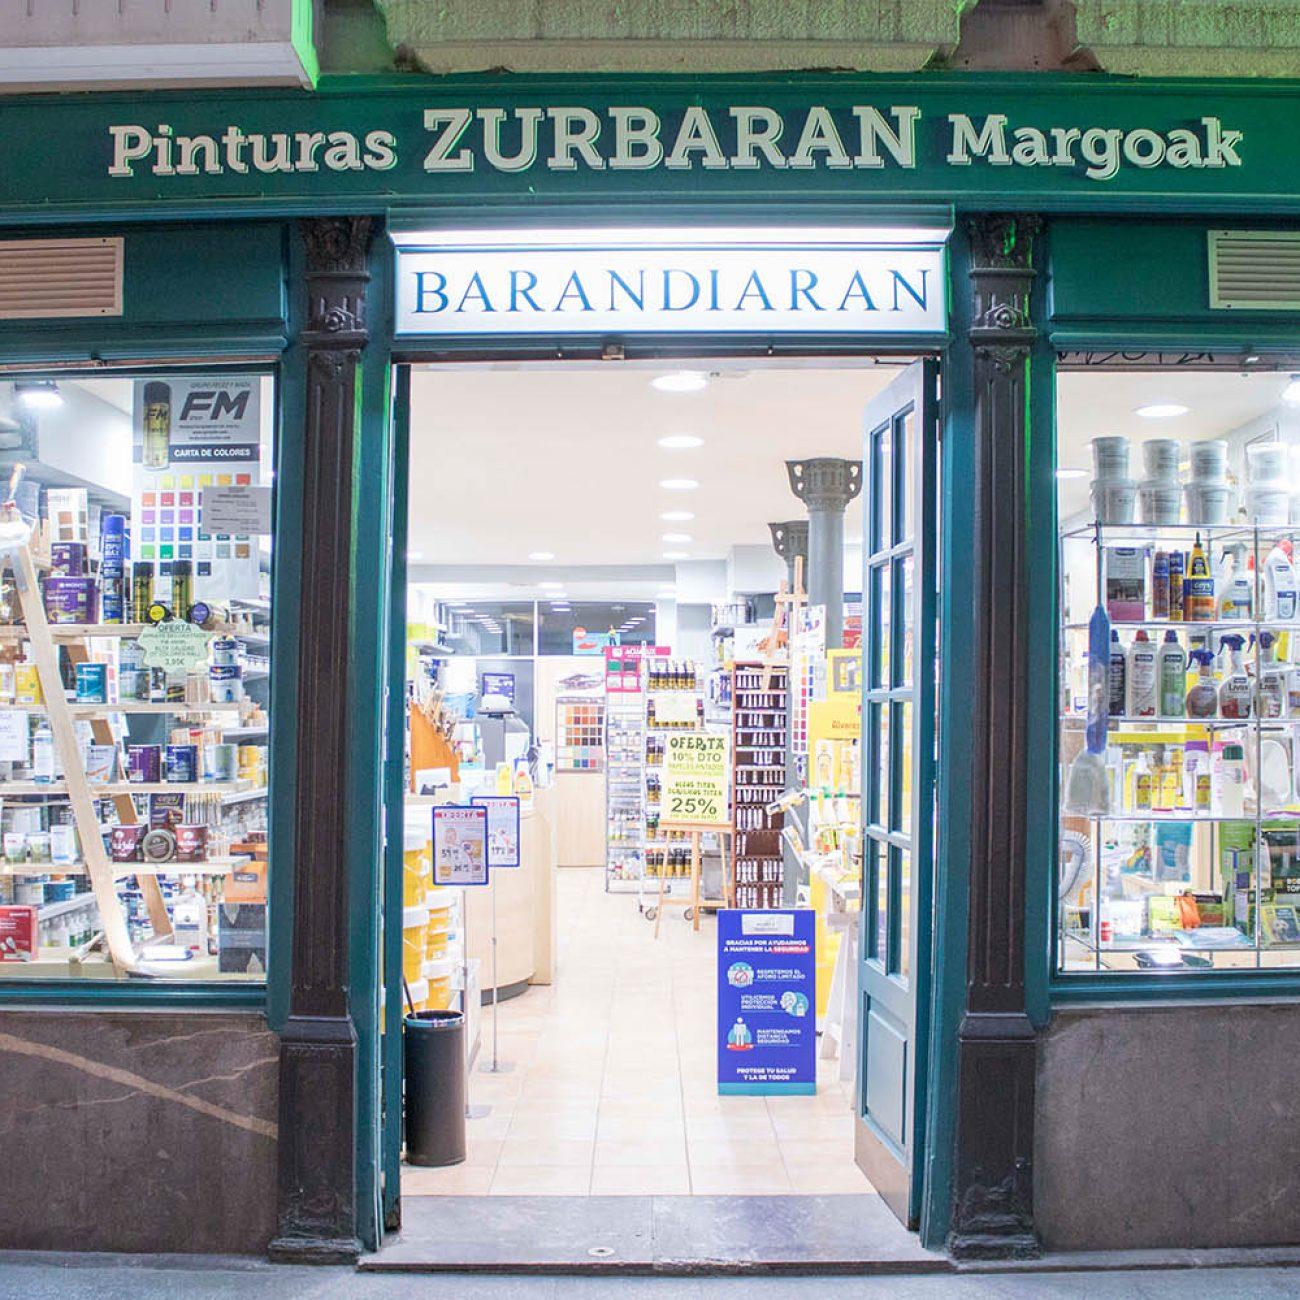 PINTURAS ZURBARAN